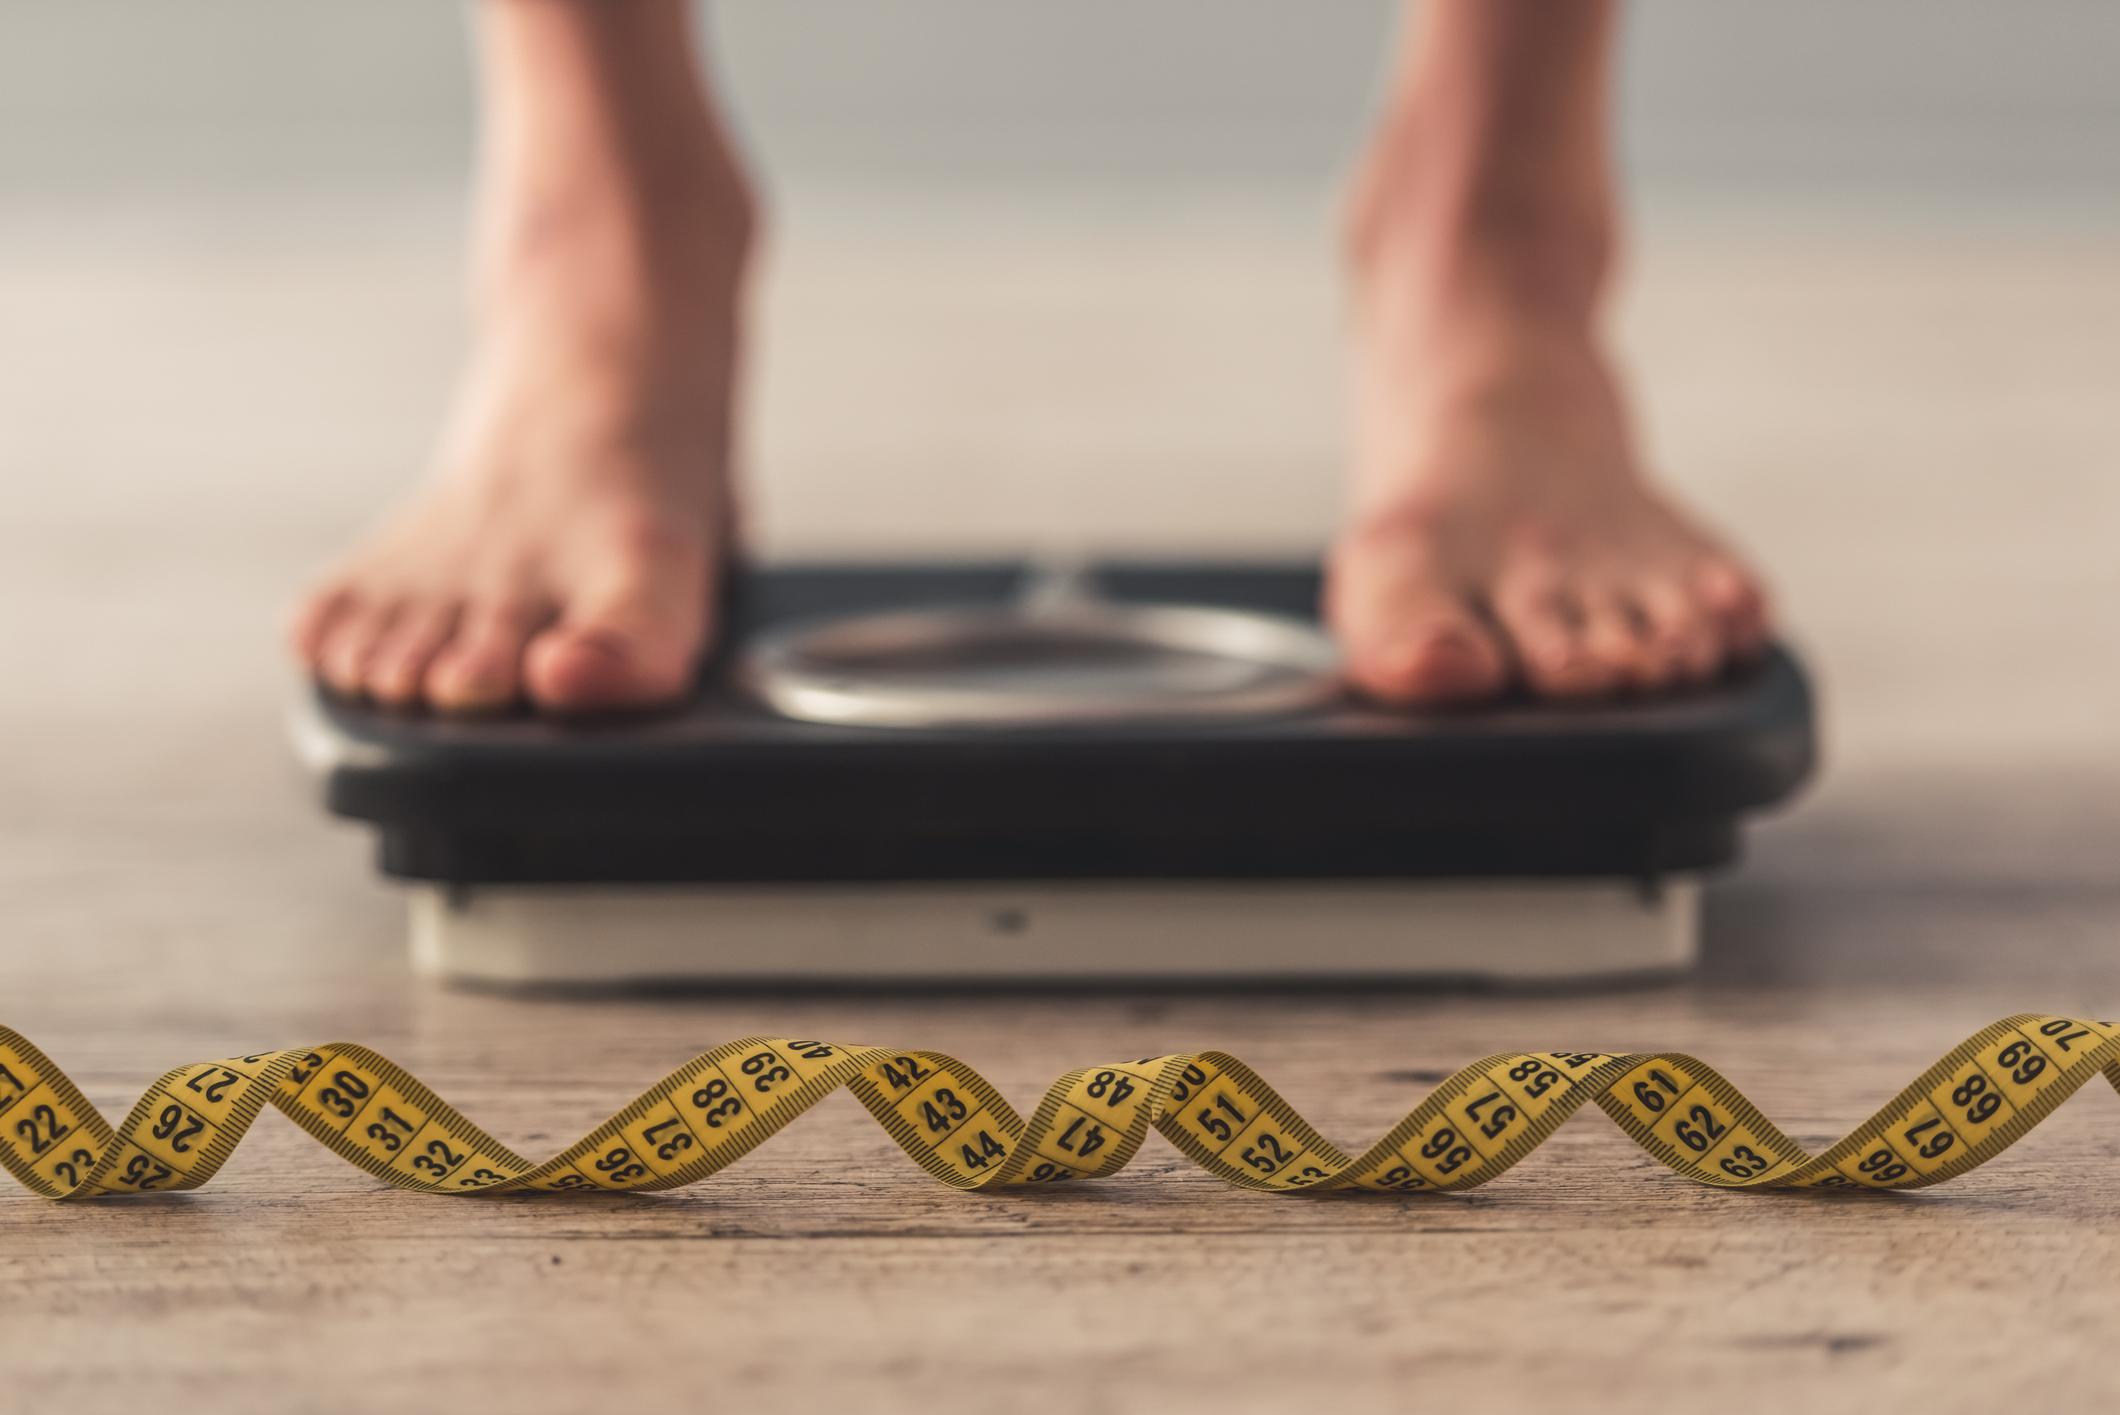 Pierdere în greutate mama jean de ce vreau să slăbesc